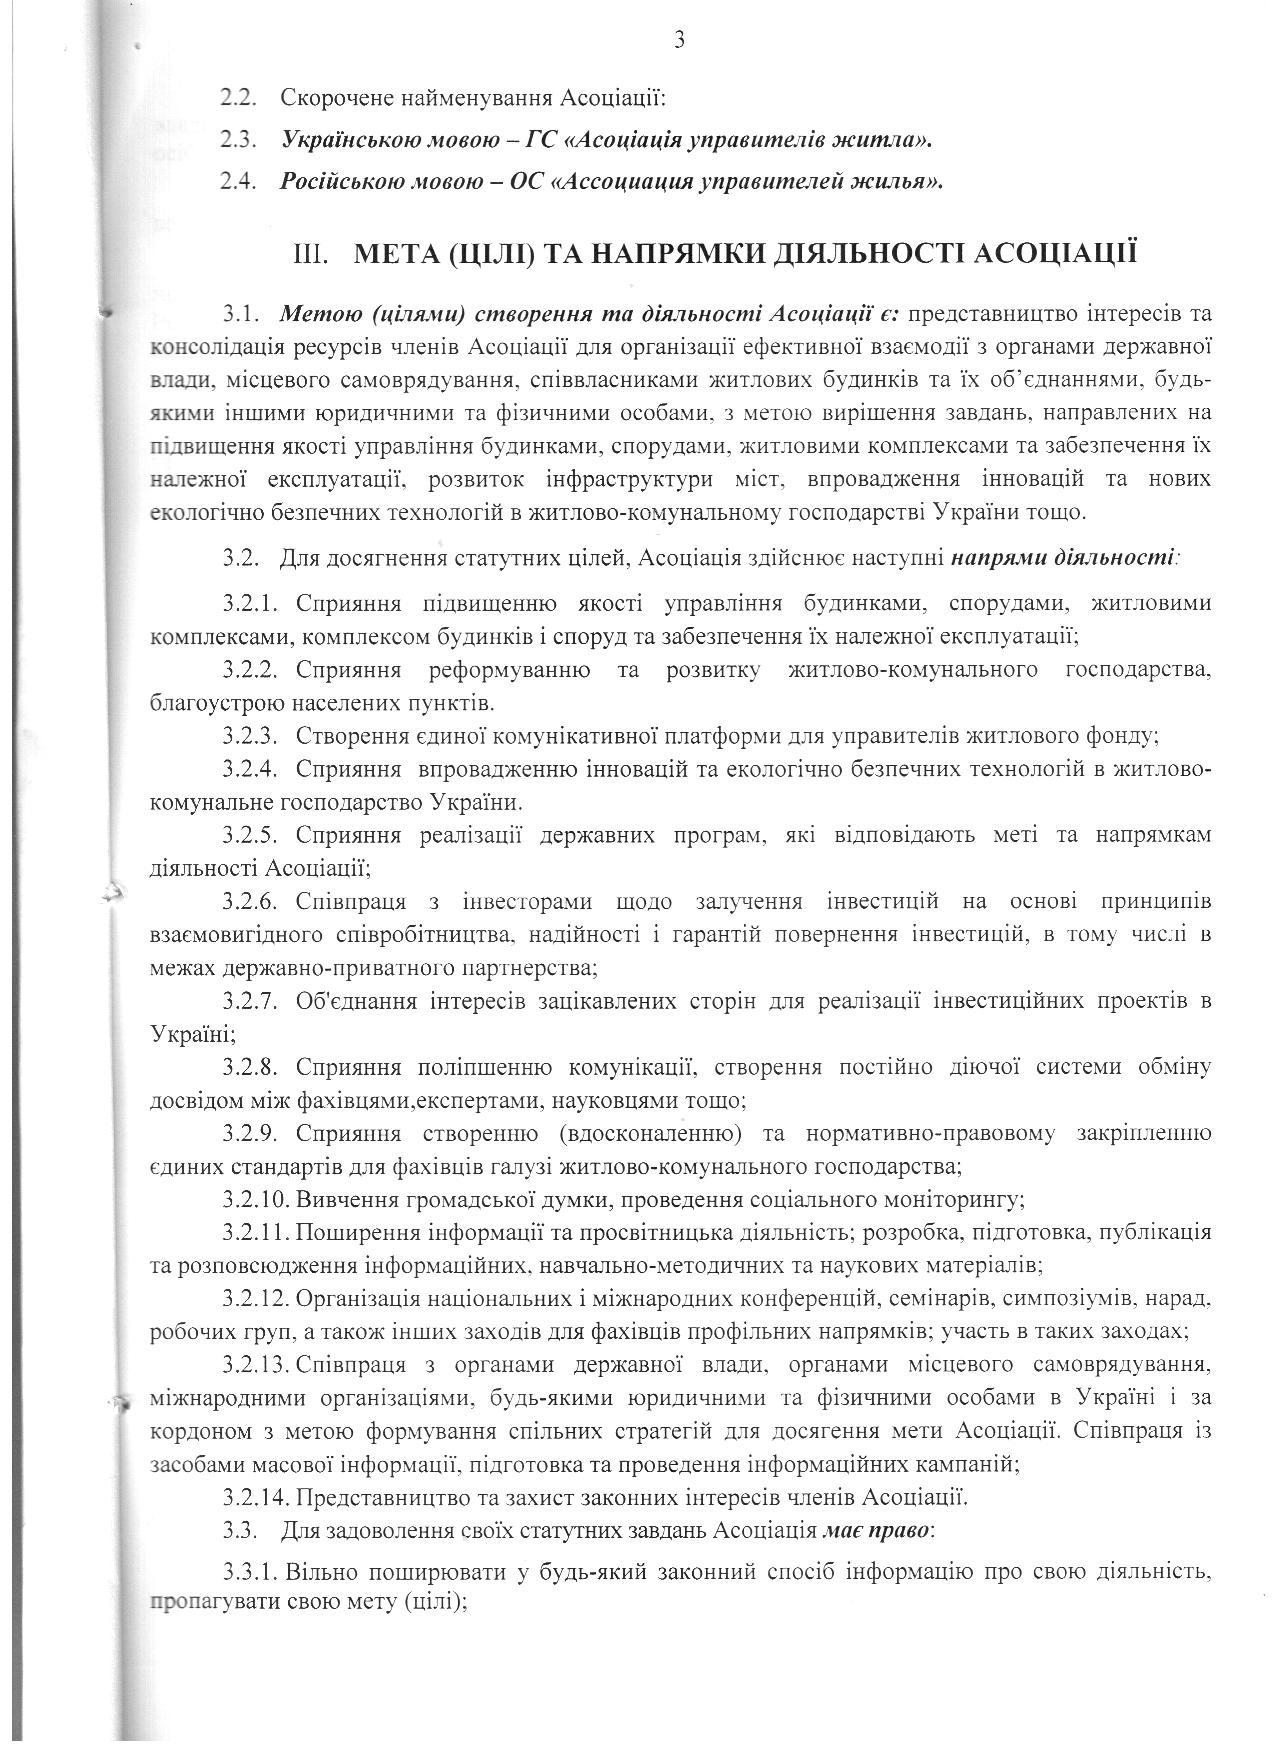 Статут Гром. сп_лки Асоц_ац_я управител_в житла 003